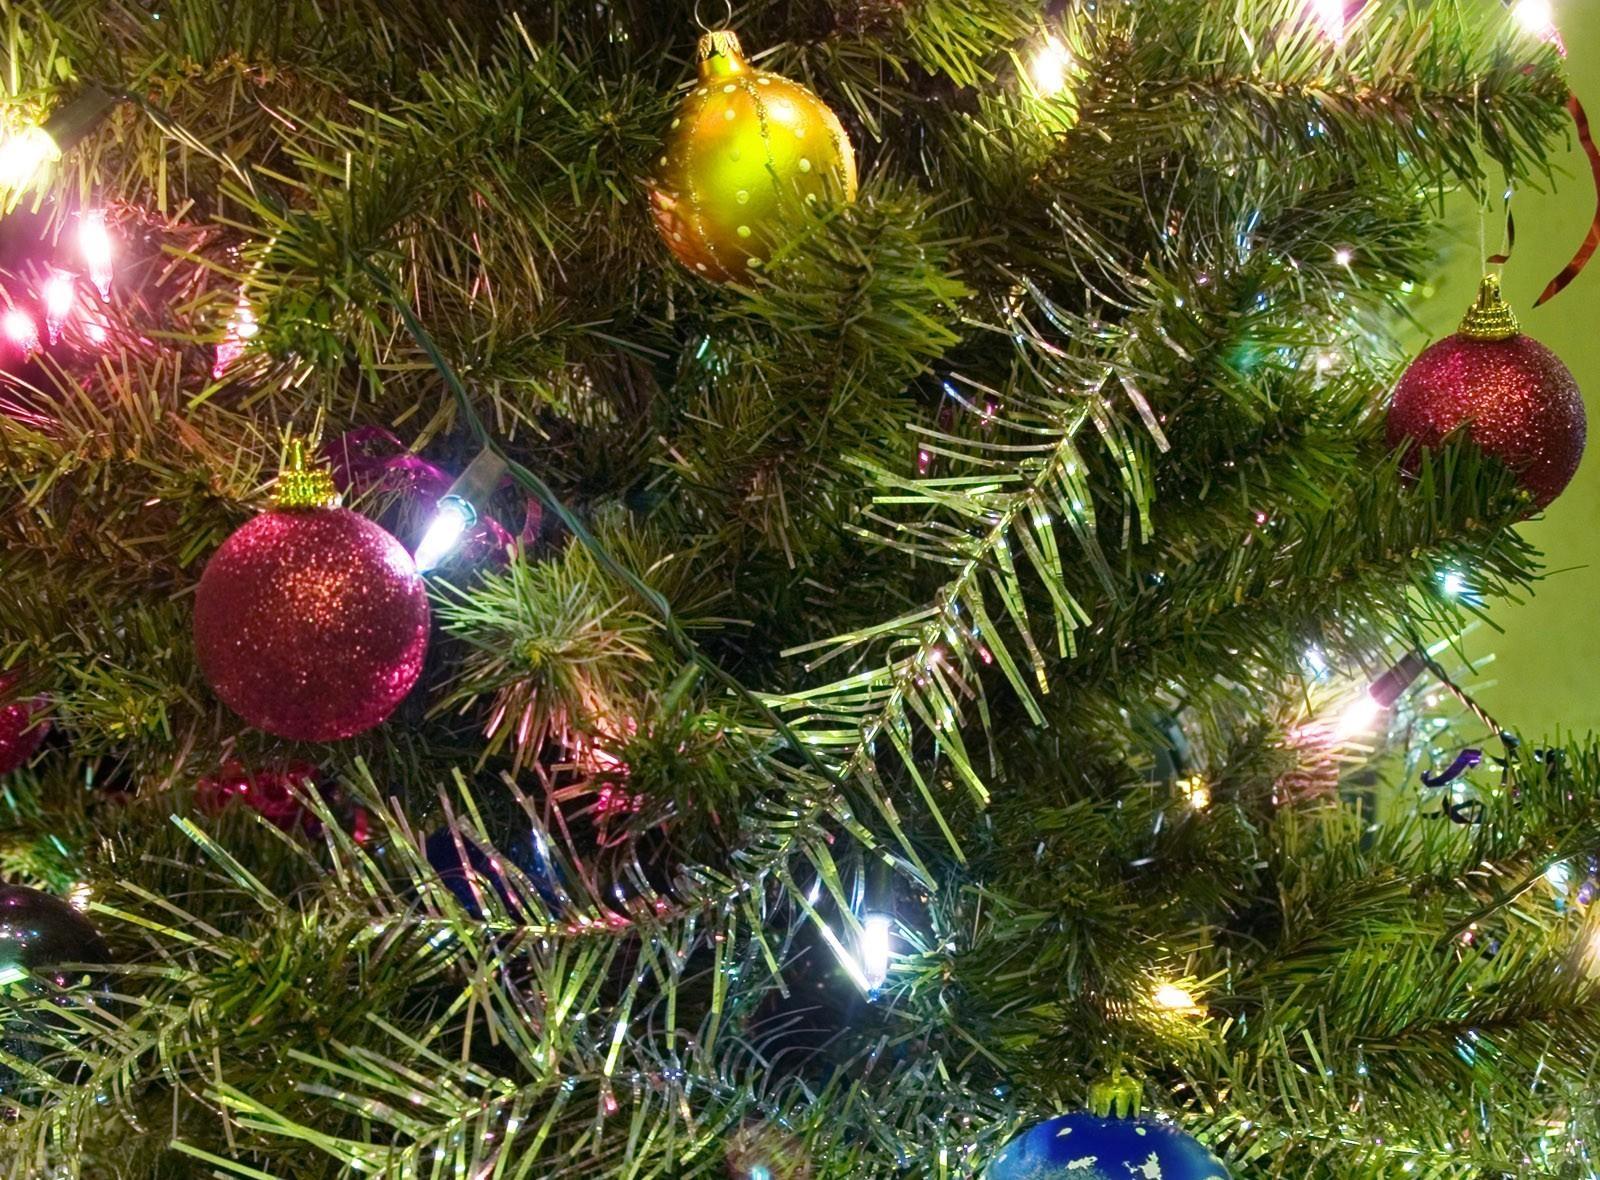 красивые картинки новогодние елки и игрушки годы крымской